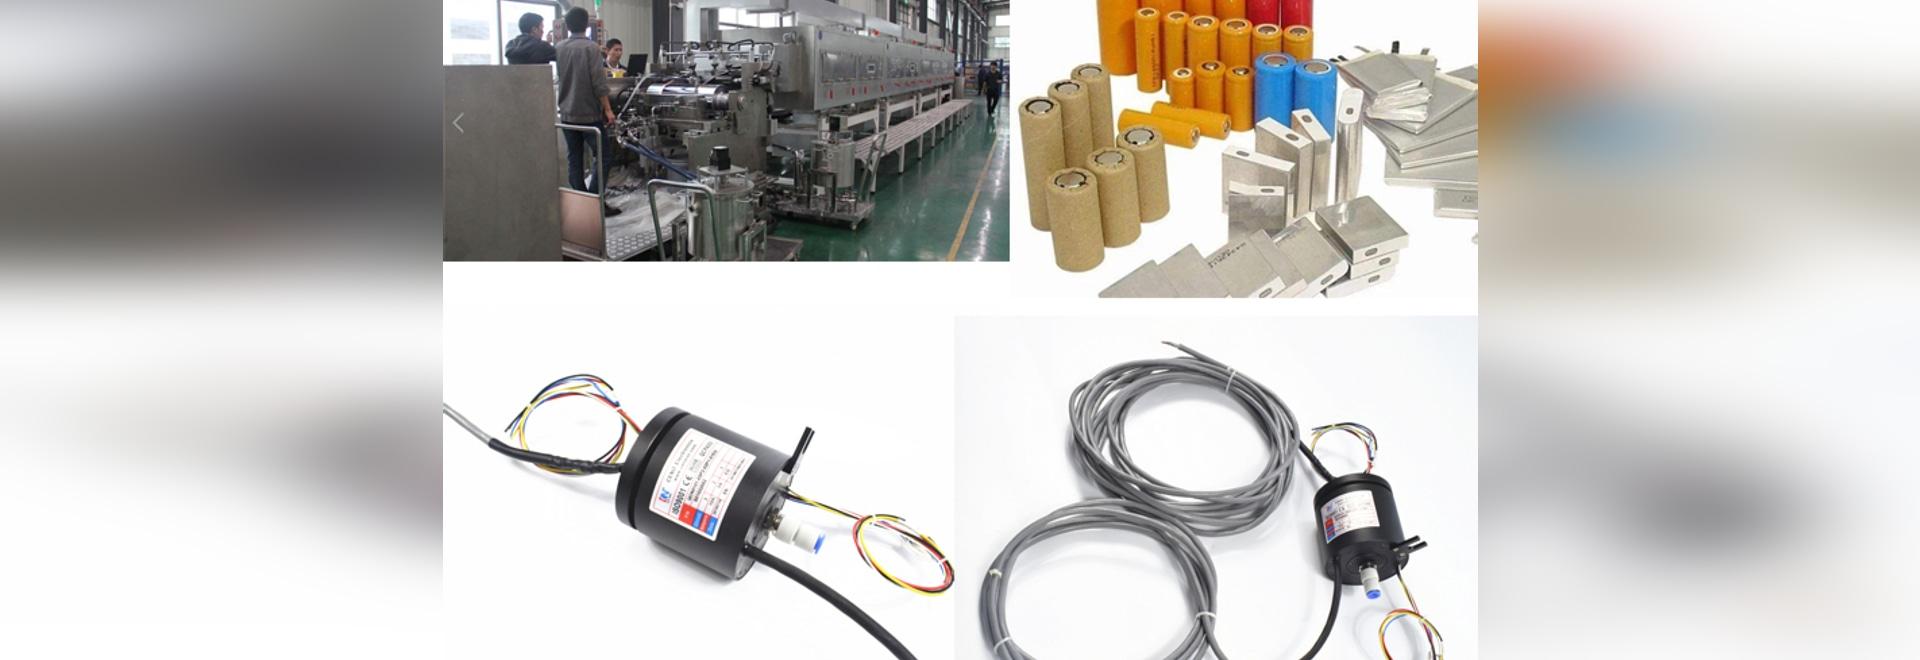 Power+ Joint Rotatif Pneumatique Pour Equipements de Batterie au Lithium